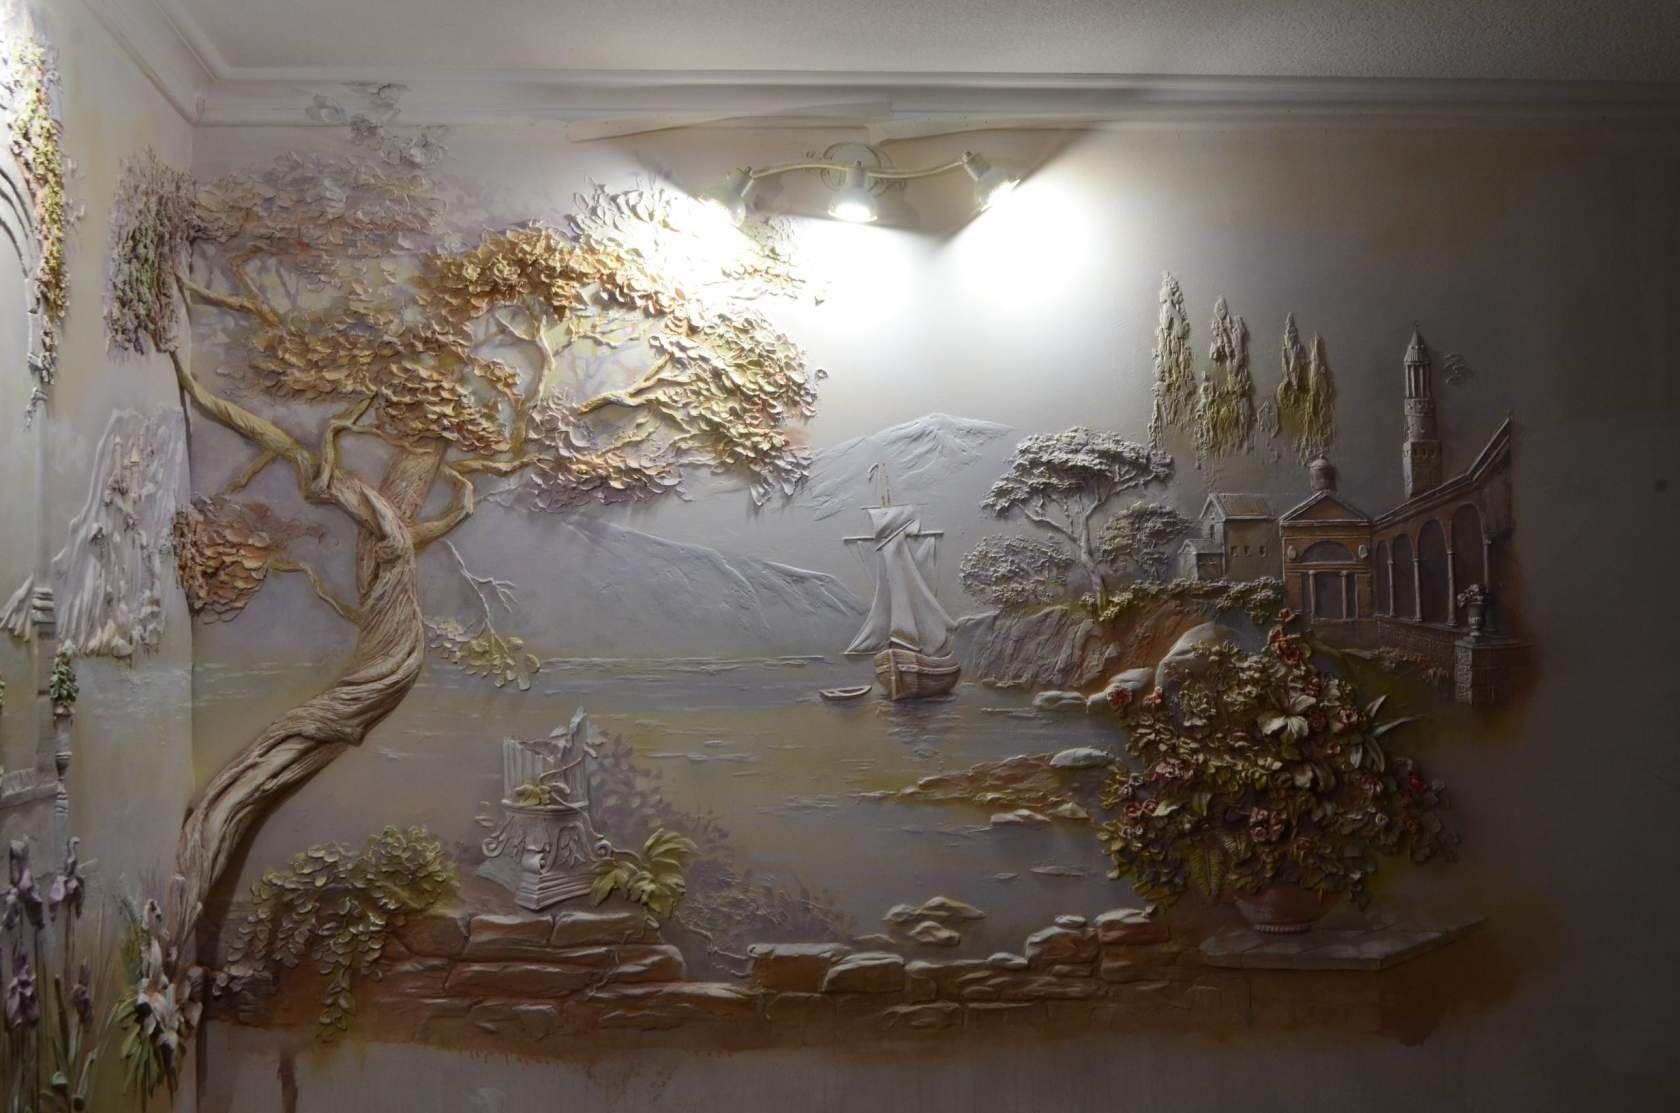 Художественная лепка на стенах своими руками фото